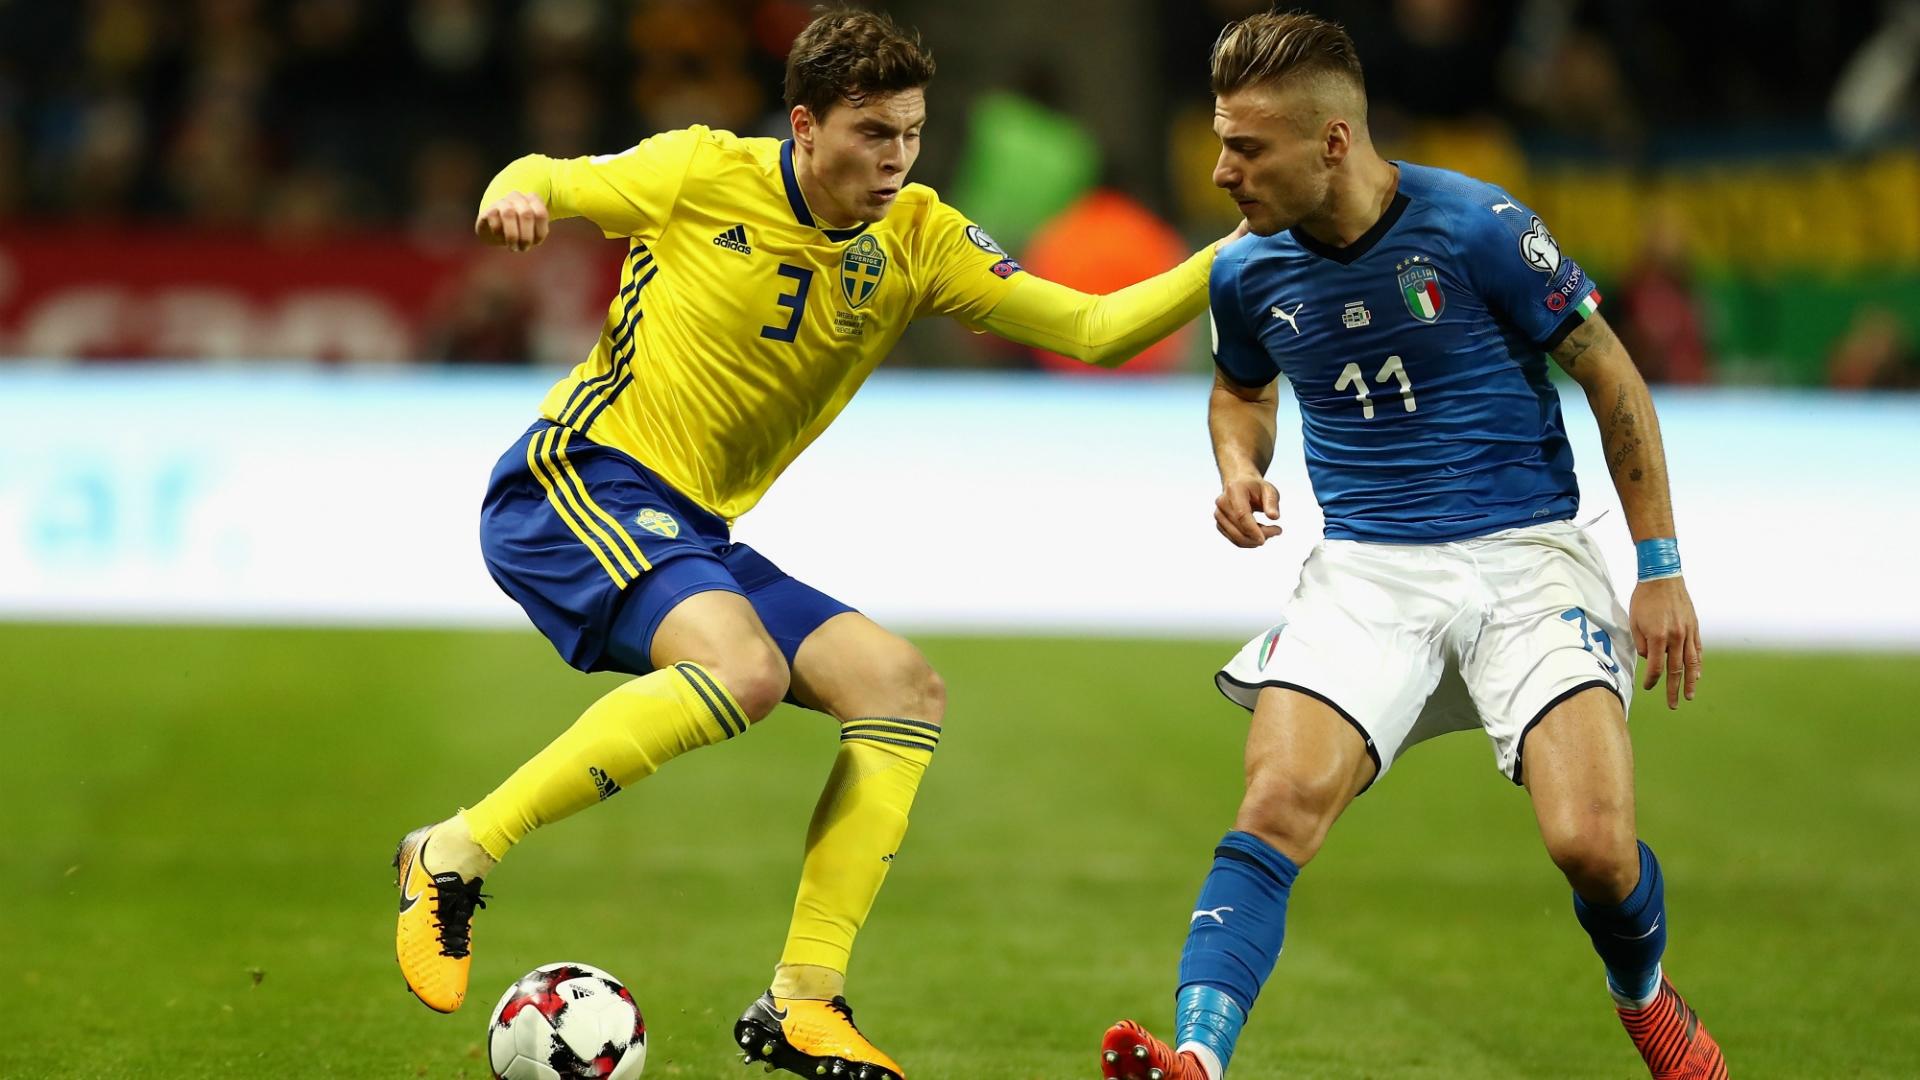 Victor Lindelof - Manchester United, Sweden